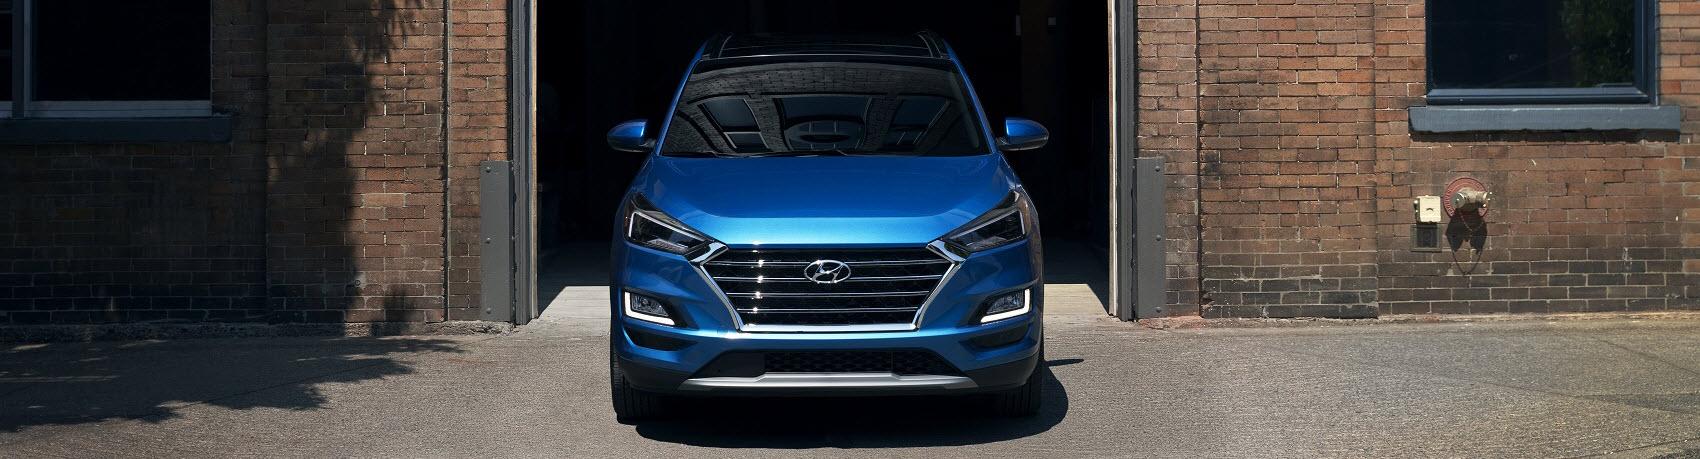 Hyundai Lease Deals >> Hyundai Tucson Lease Deals Columbia Sc Peacock Hyundai Savannah